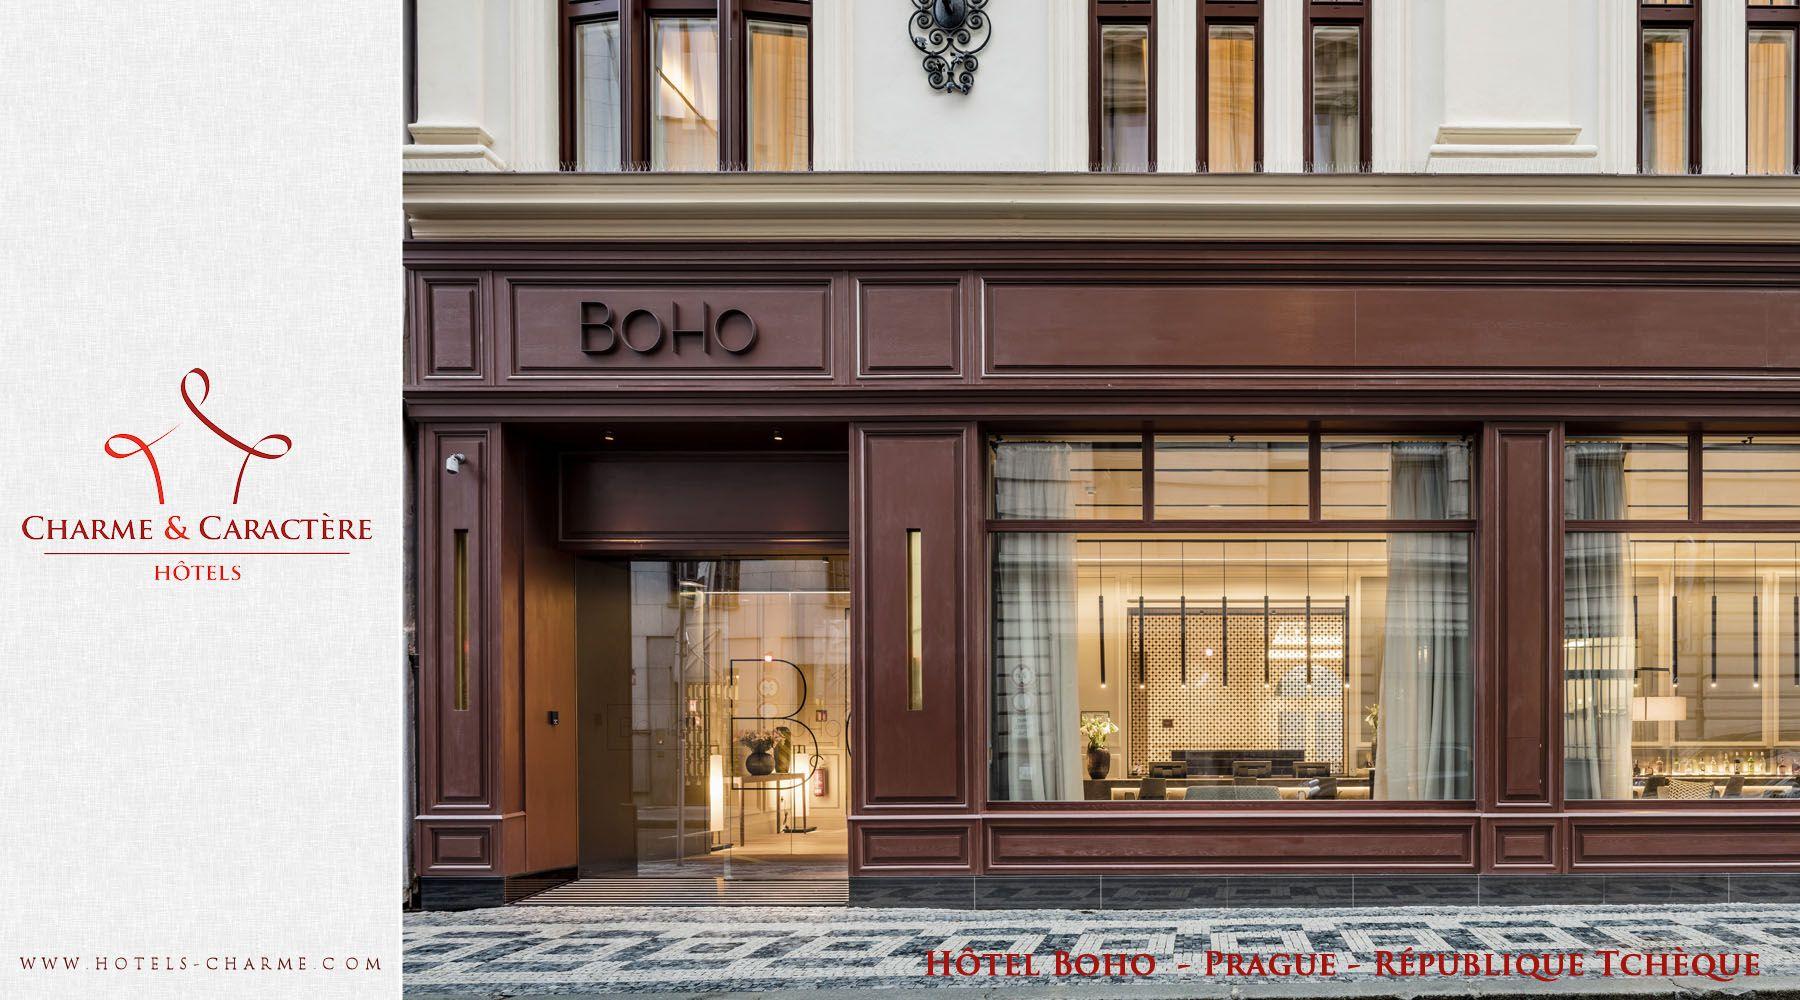 Hotels de Charme et de Caractere - Hôtel Boho - Prague - République ...